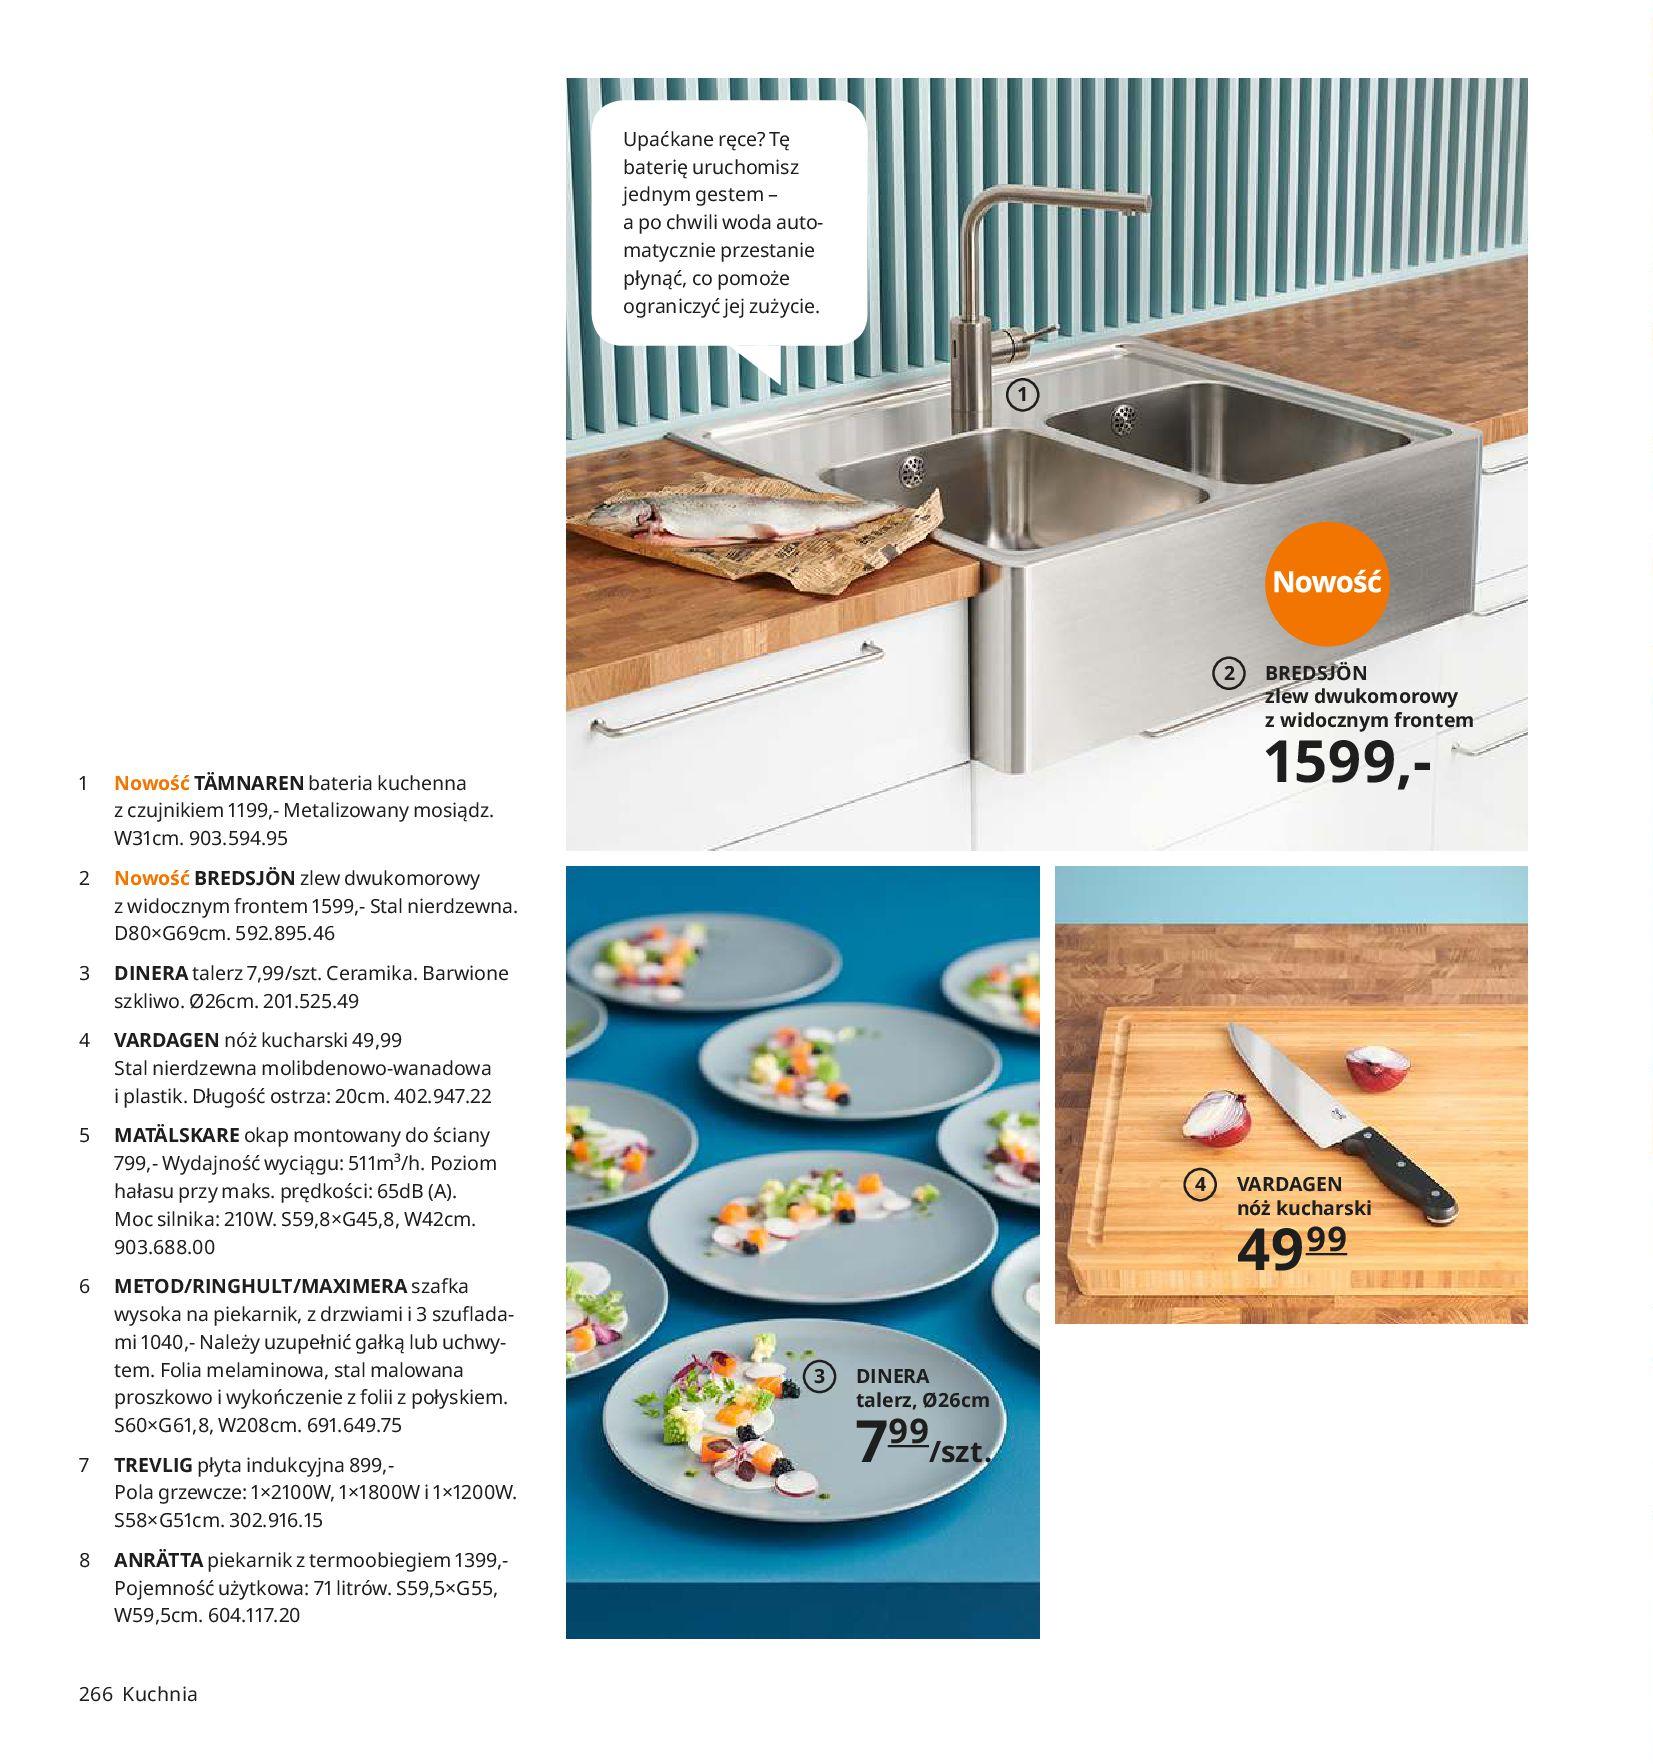 Gazetka IKEA - Katalog IKEA 2020-25.08.2019-31.07.2020-page-266